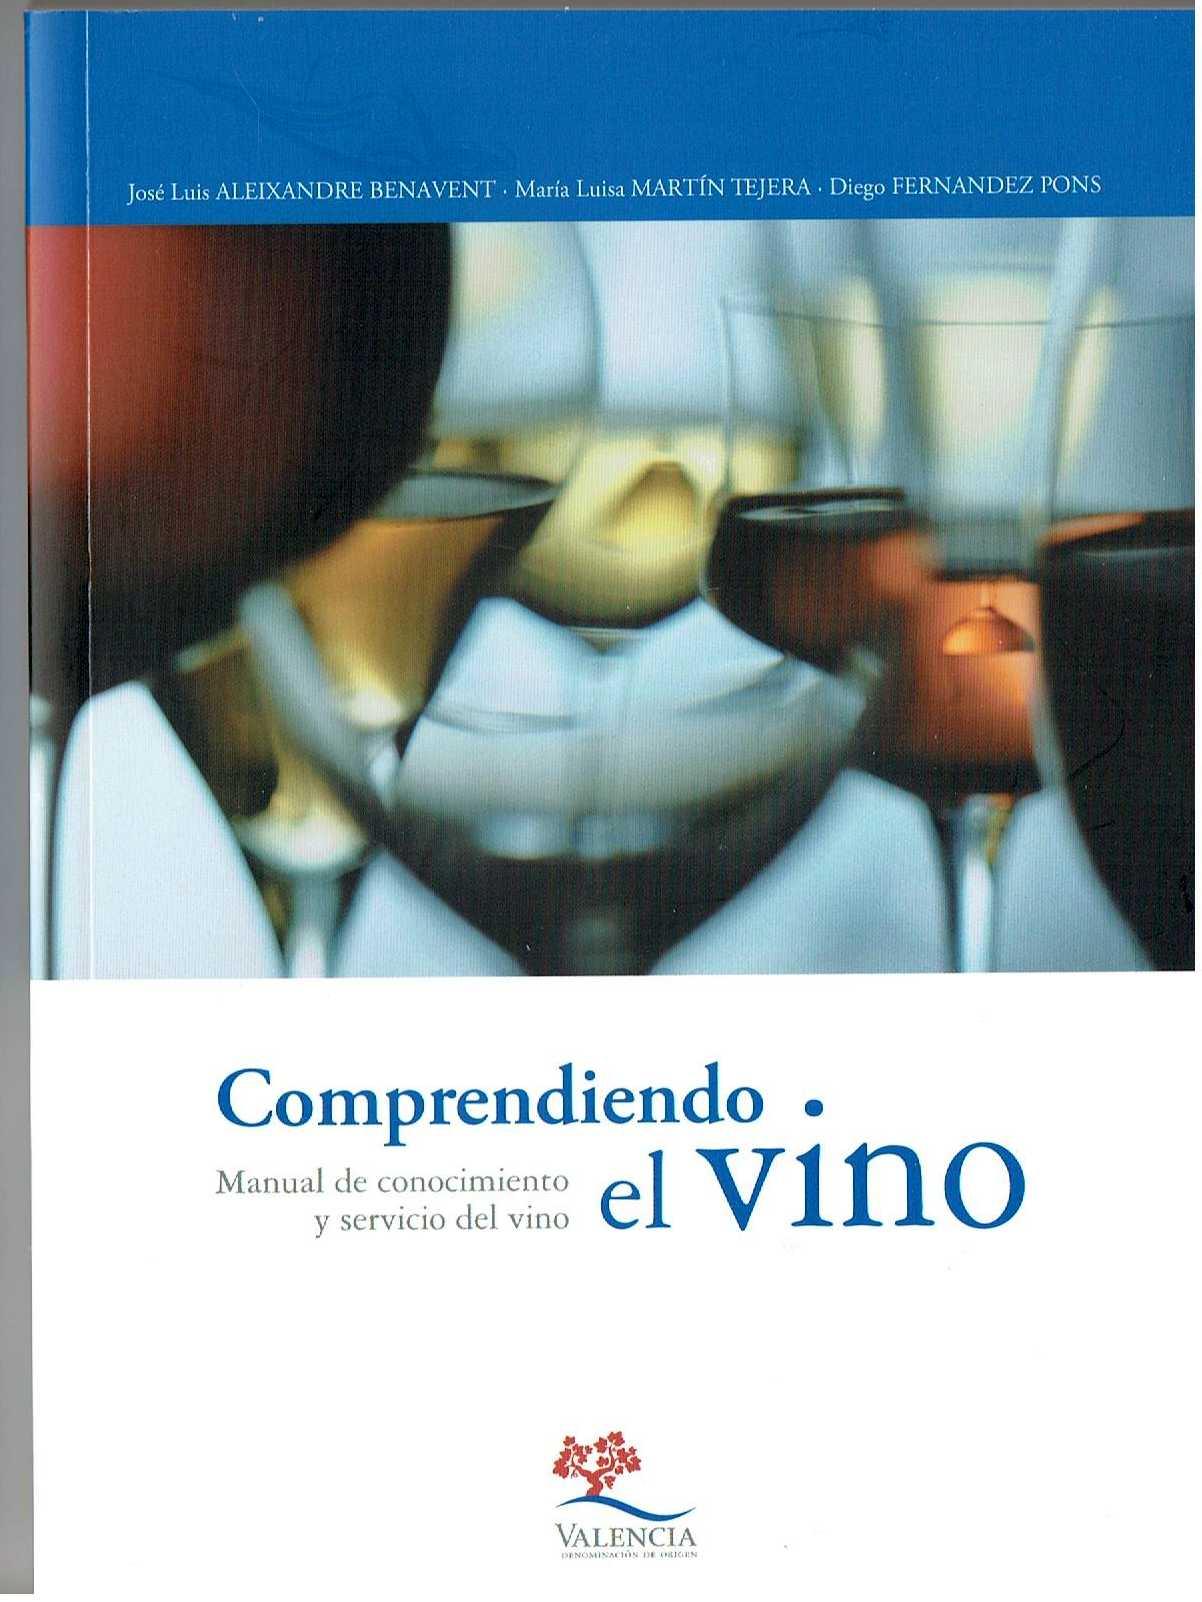 do-valencia-1610-master-vino-valenciano-02